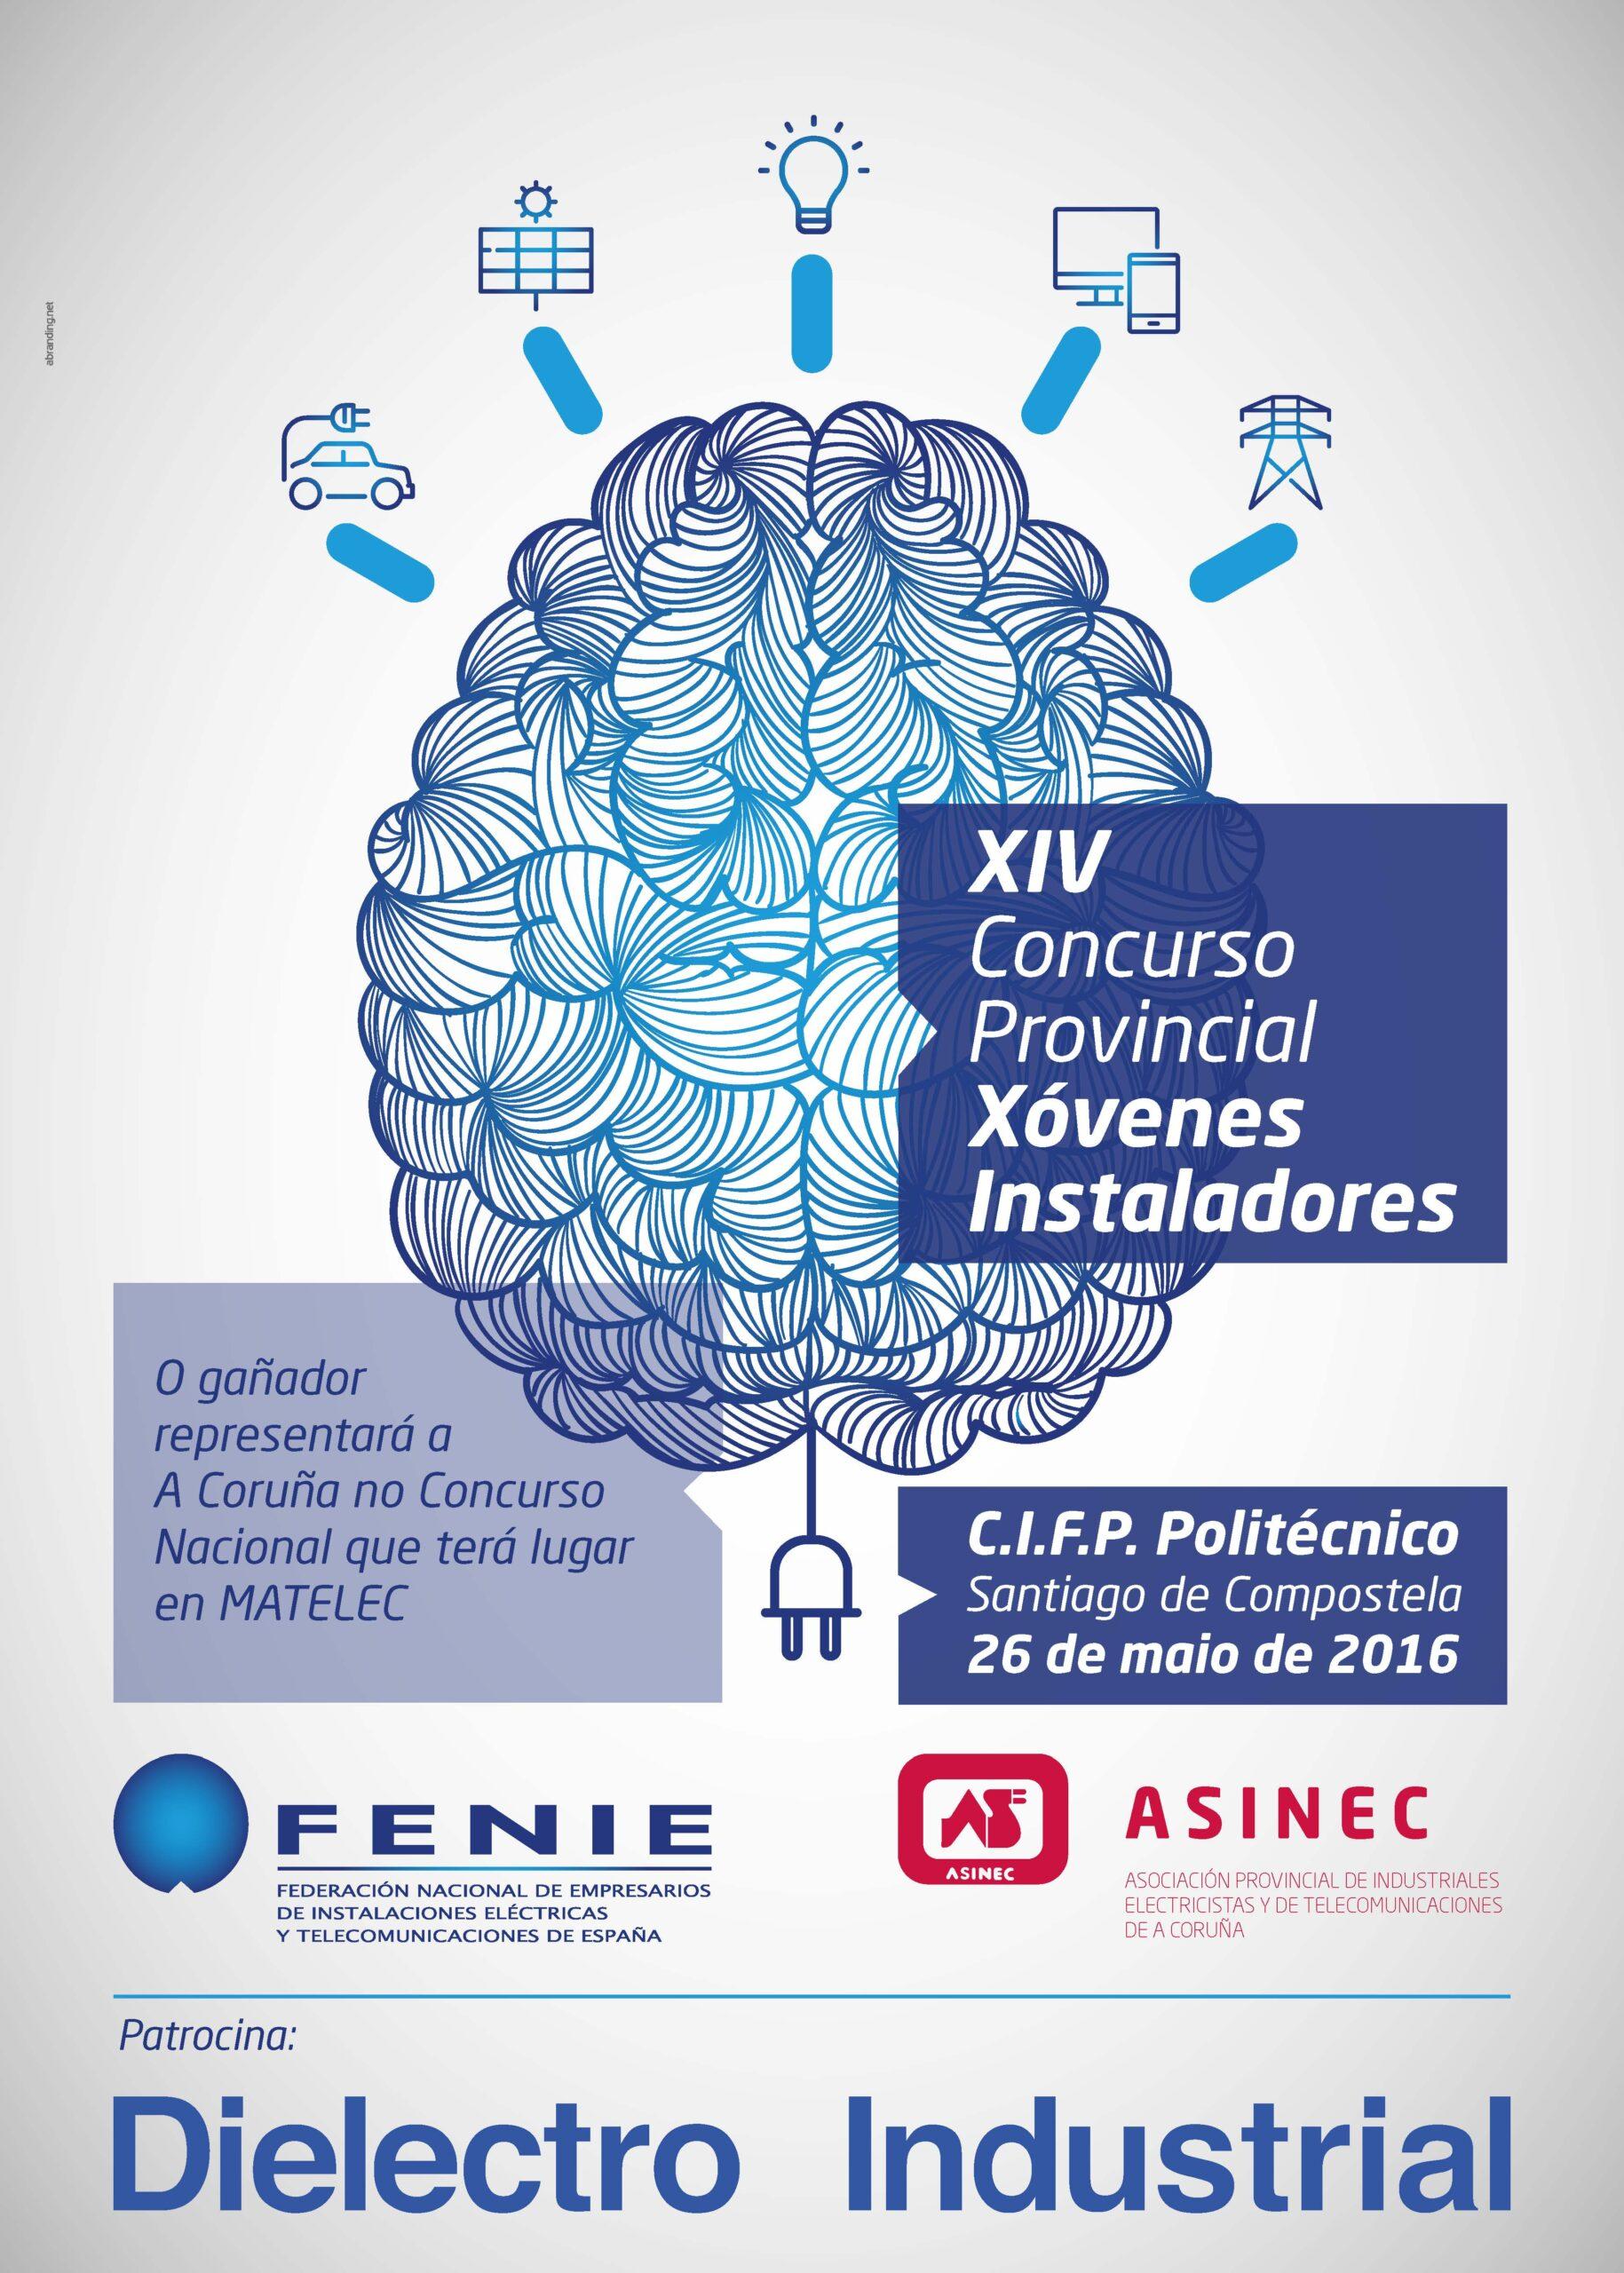 La fase provincial del xiv concurso de j venes instaladores se celebrar el 26 de mayo en el c i Electricistas santiago de compostela